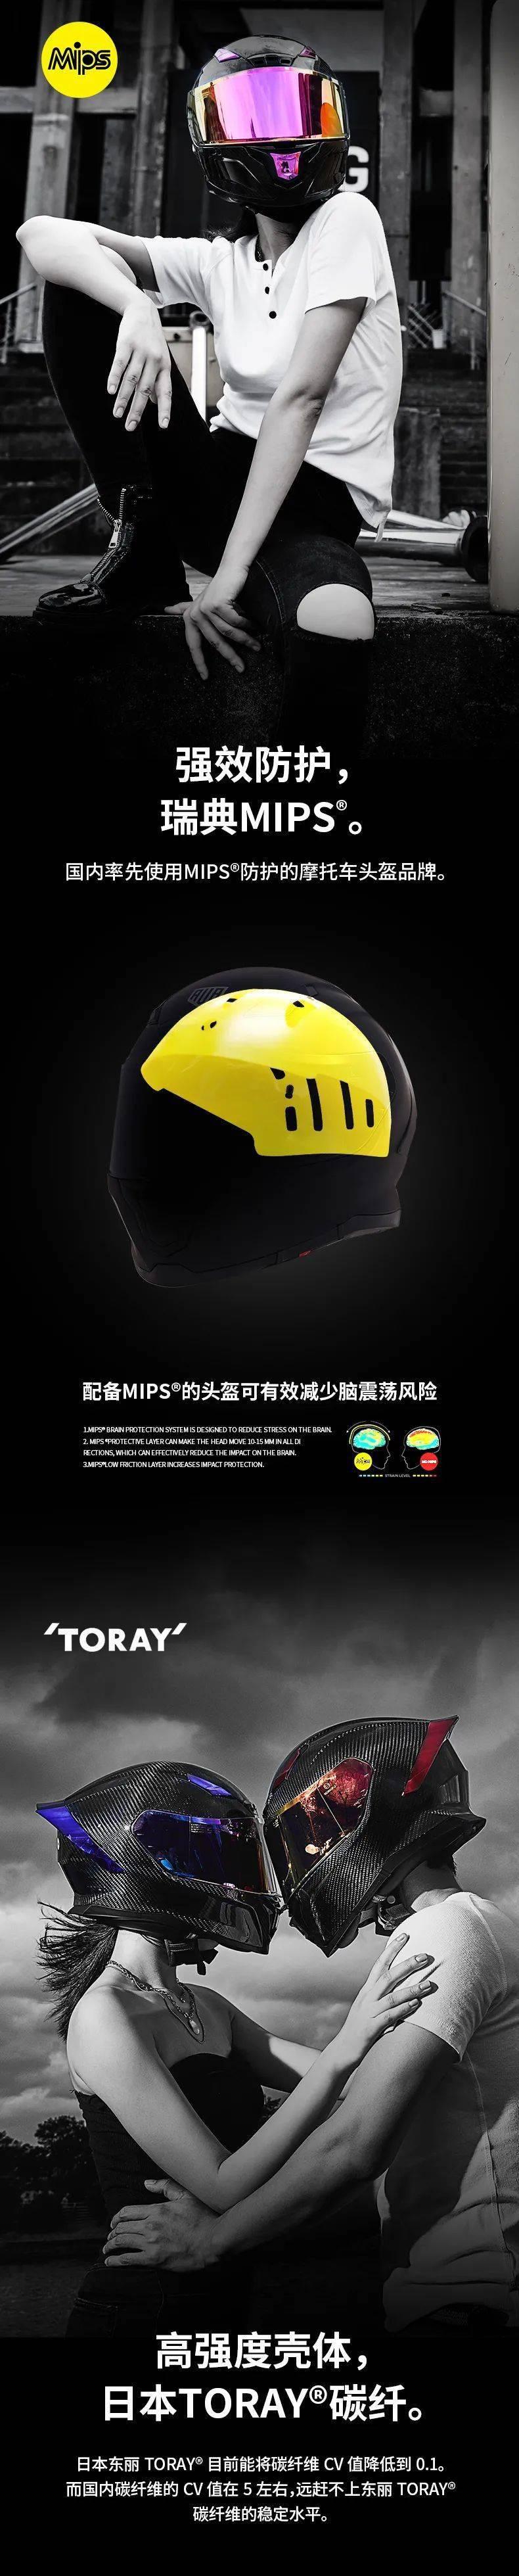 """如果让你头上顶着""""闪电""""骑车会不会很酷?这道""""闪电""""头盔不足3000元就可以买到-第9张图片-春风行摩托车之家"""